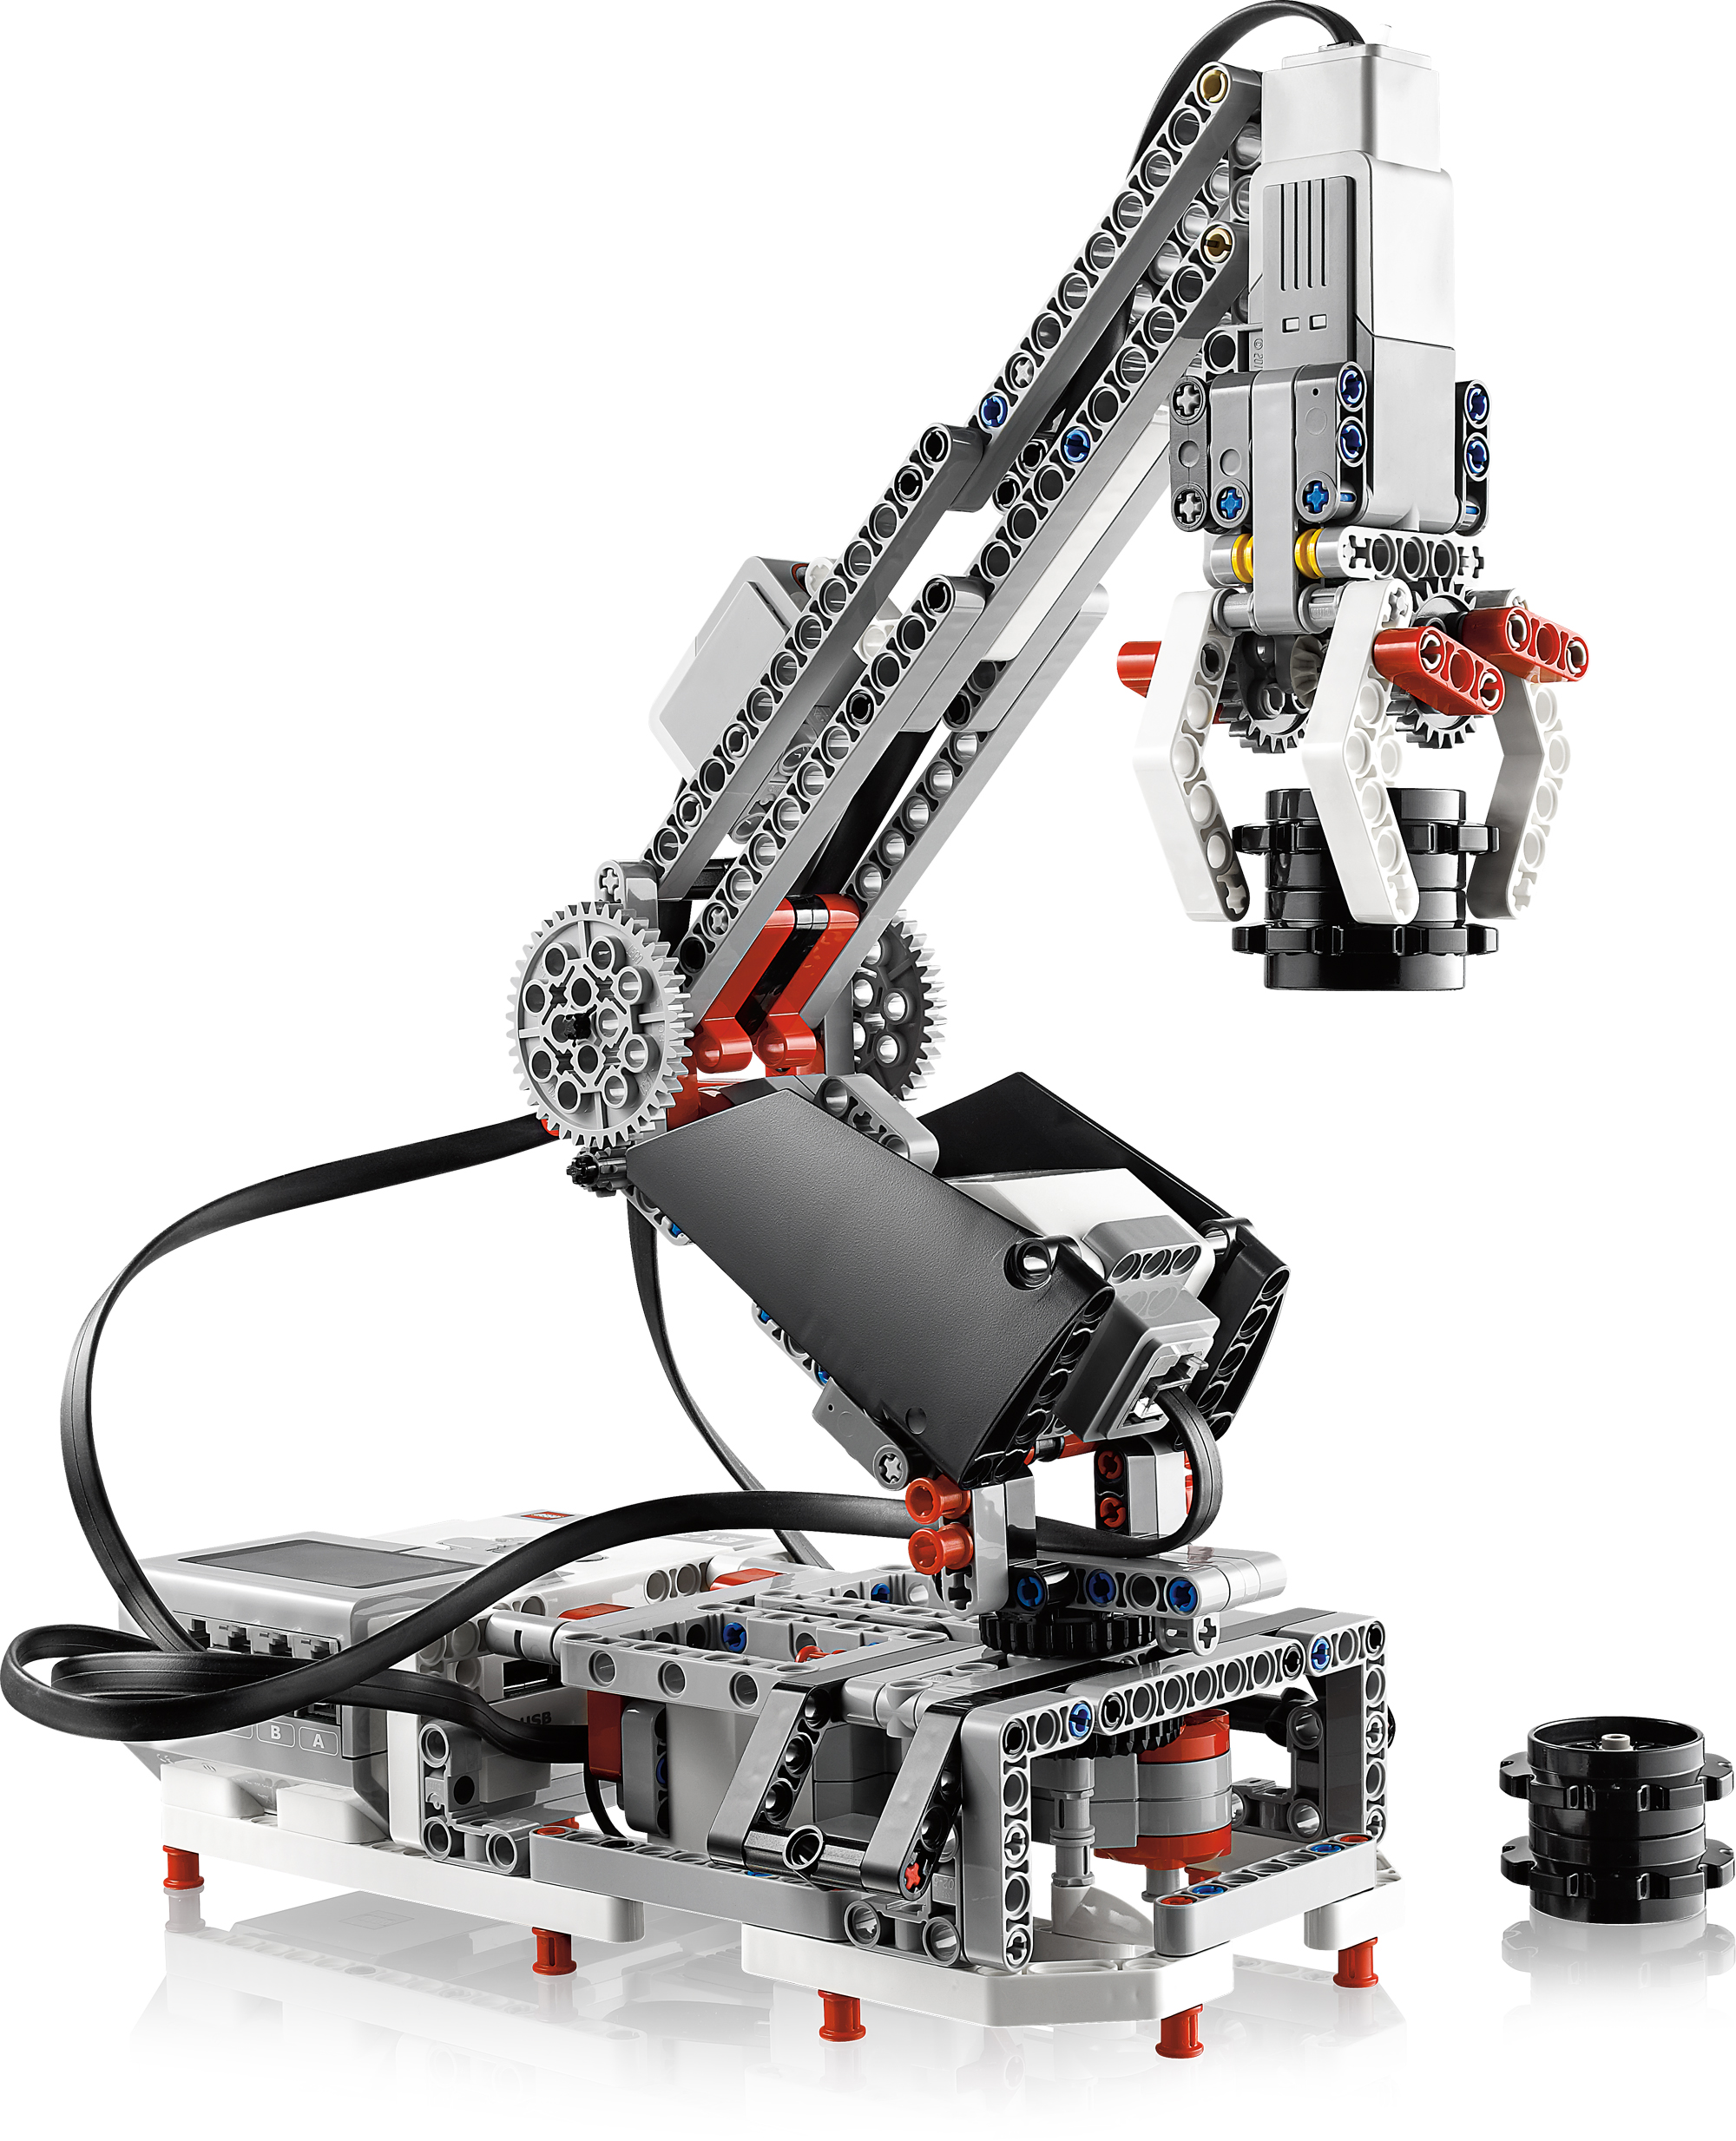 Lego Mindstorms EV3: Neue Roboterplattform von Lego ...